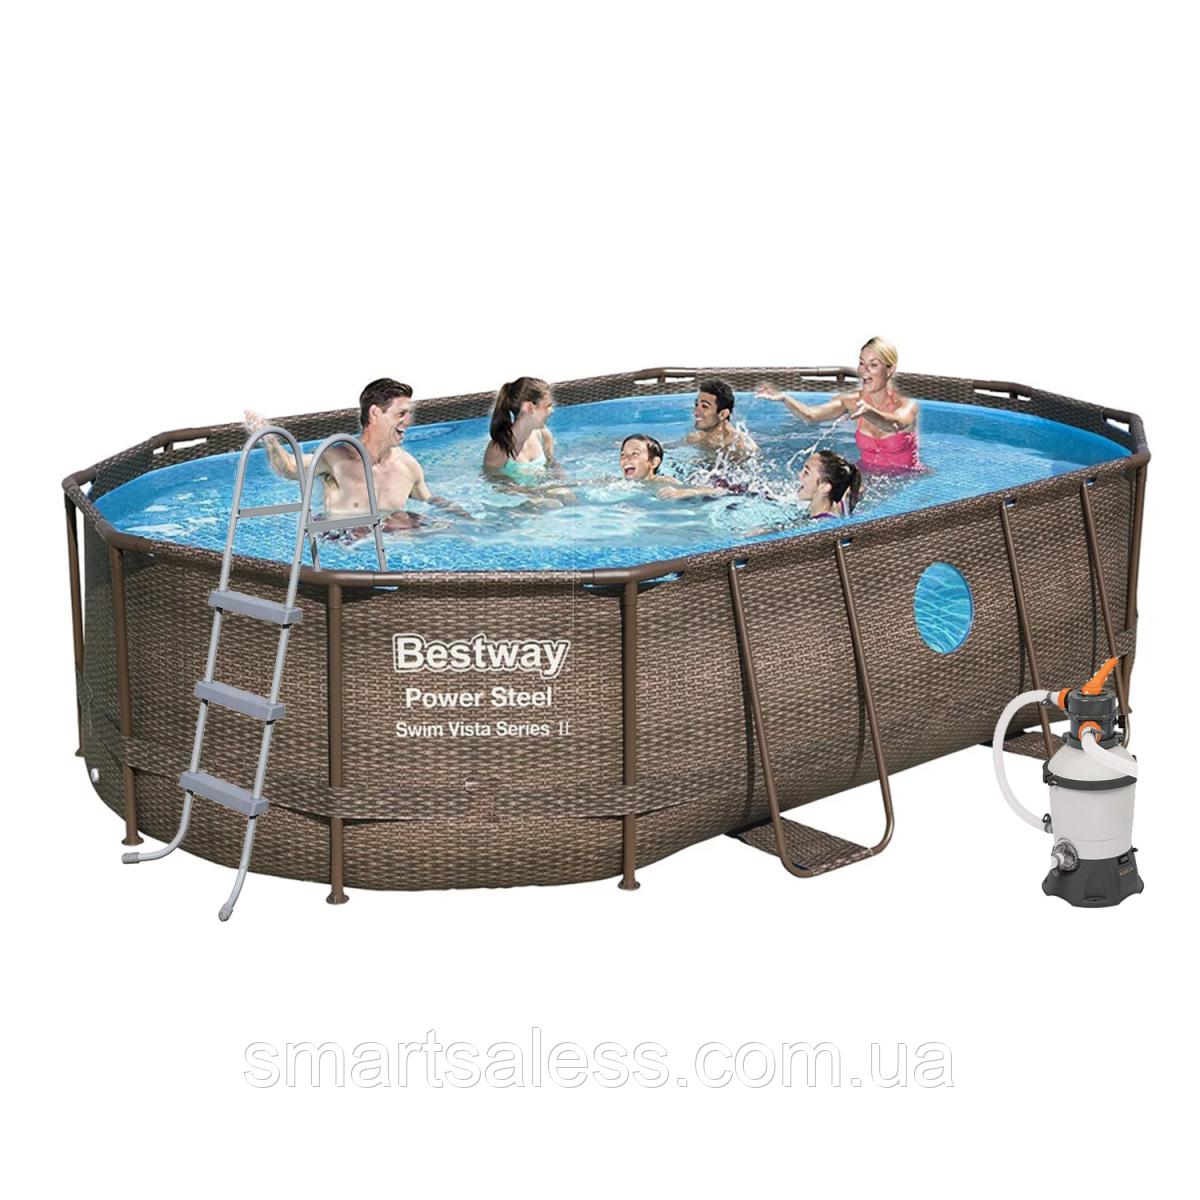 Каркасний басейн, 488 х 305 х 107 см, насос 4500 л/год, дозатор, сходи, тент, підстилка